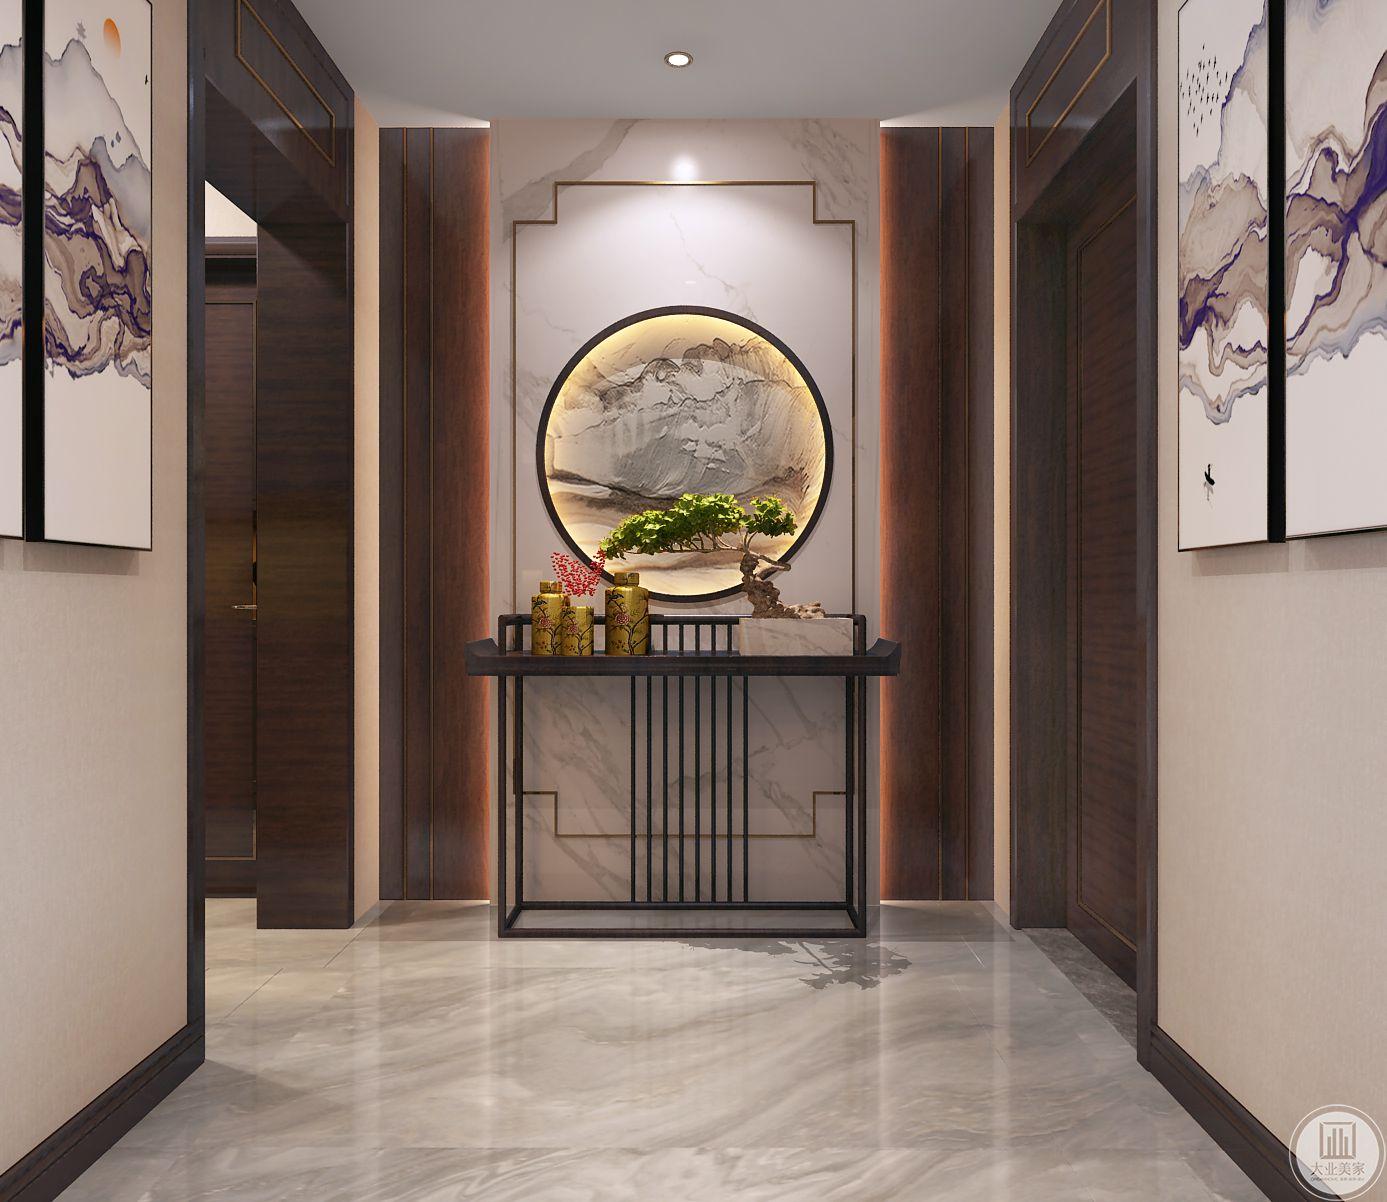 入户玄关空间基础是很好的,有做了一些违和感的处理,玄关墙面造型做了艺术与风水学处理。